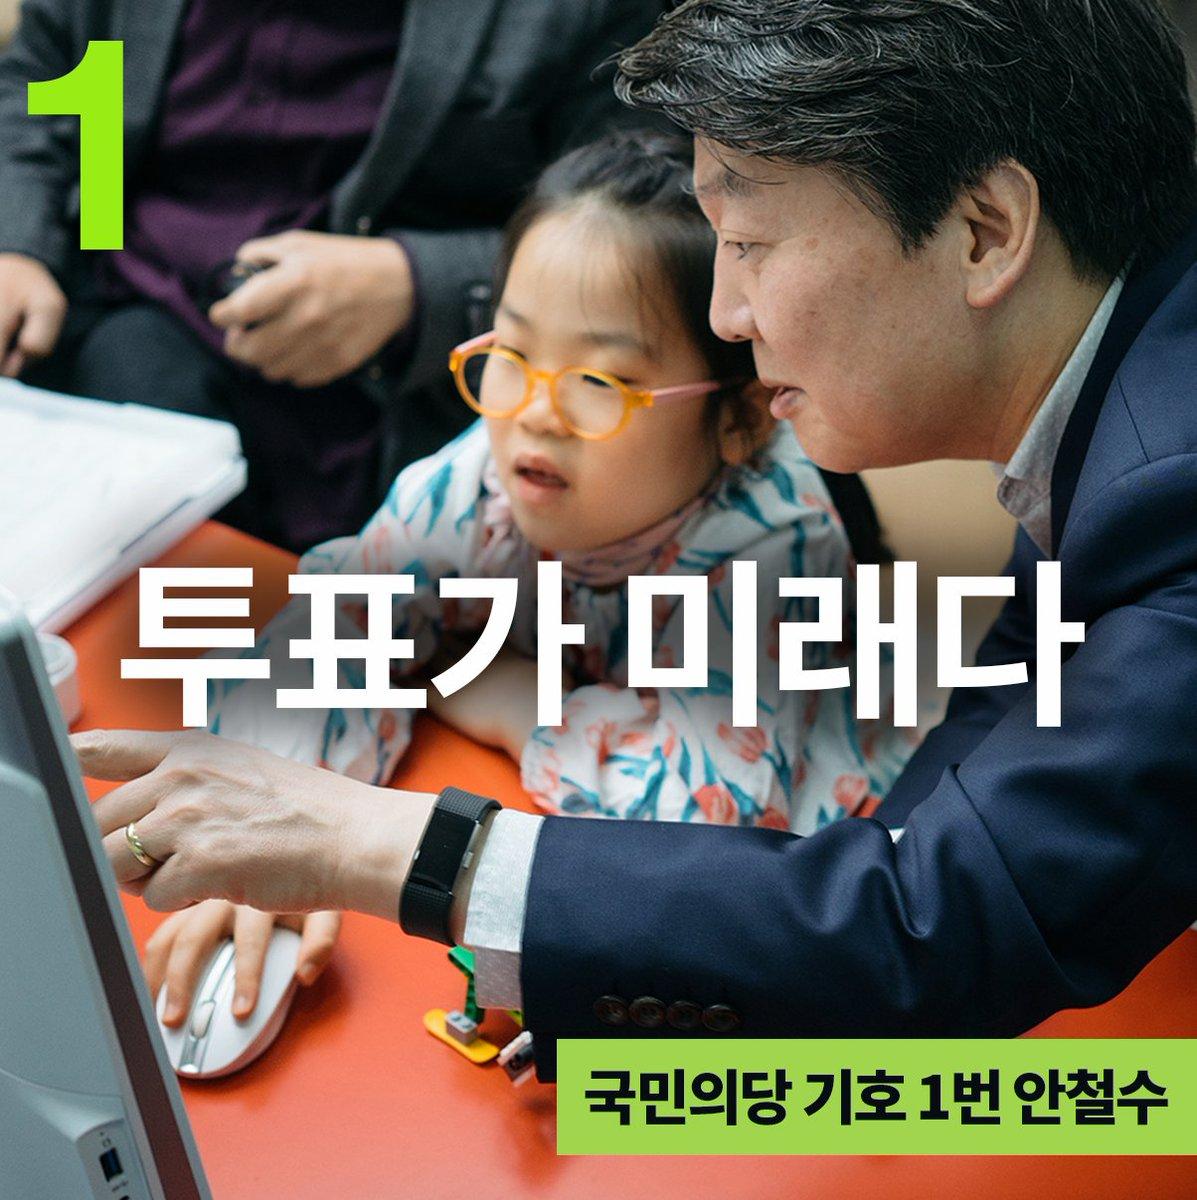 http://pbs.twimg.com/media/C7u1mL6V4AA3lgM.jpg